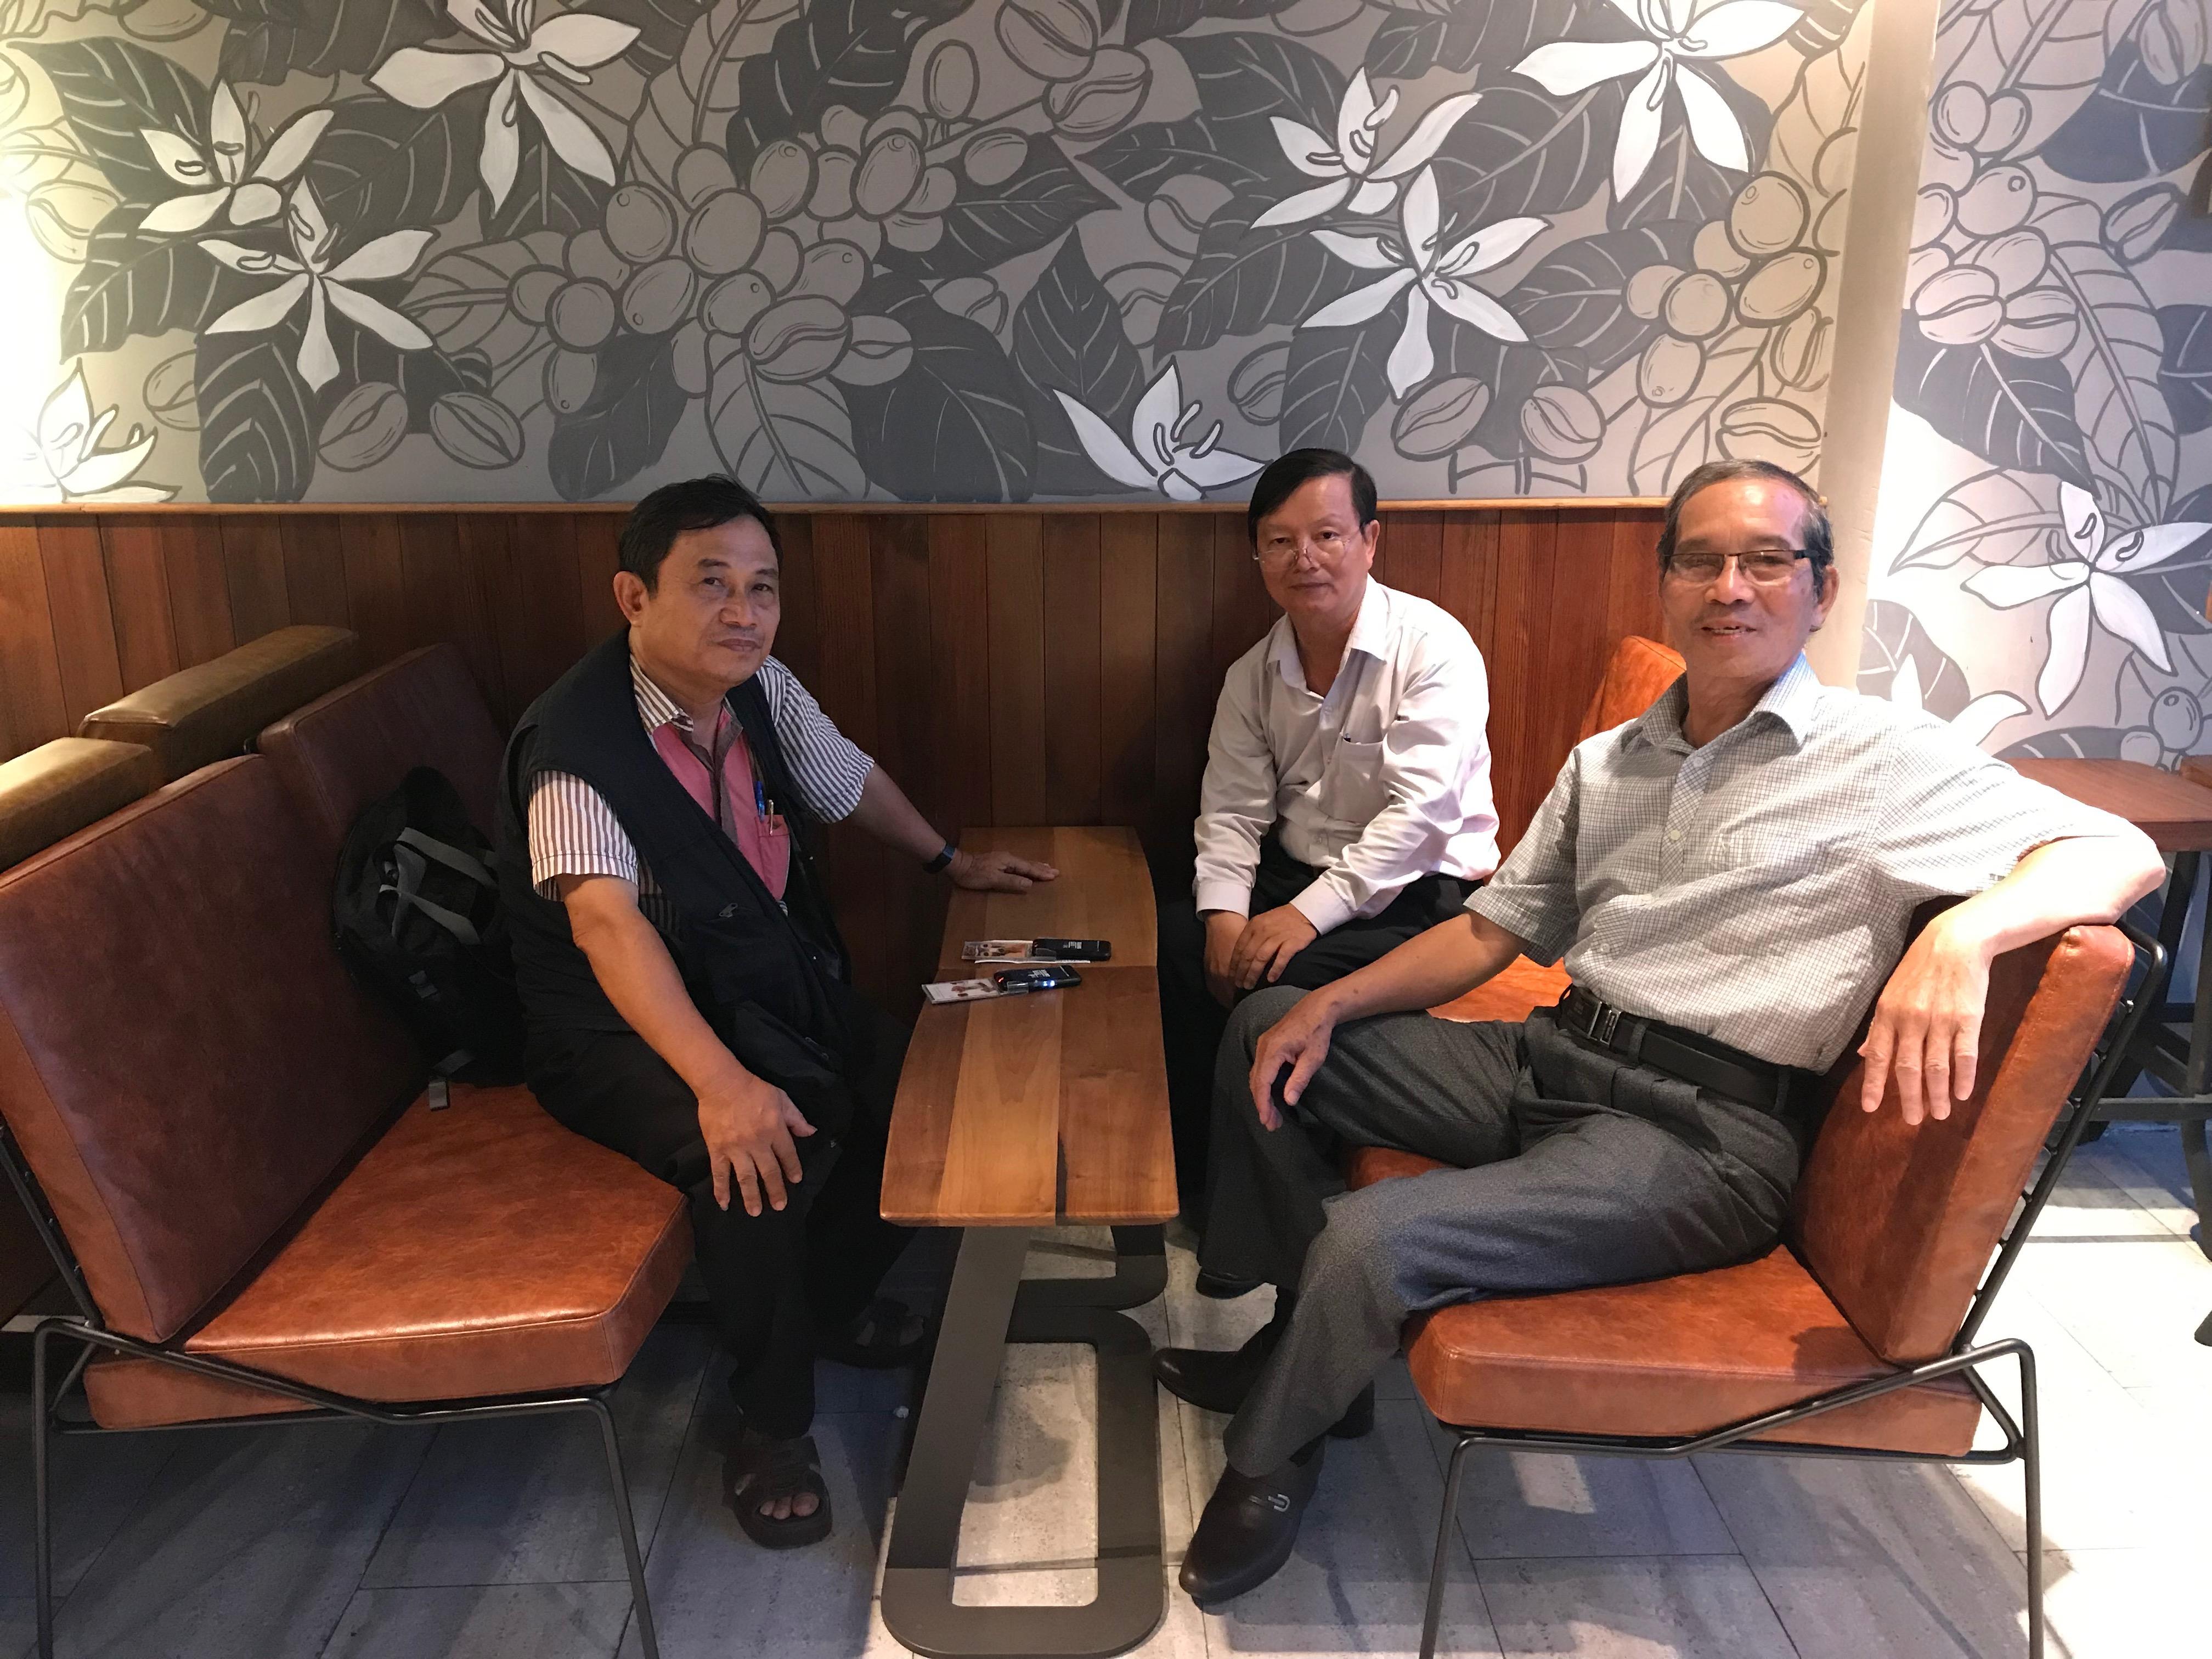 Nhà thơ Bằng Việt, nhà thơ Bùi Xuân và nhà thơ Lê Anh Dũng